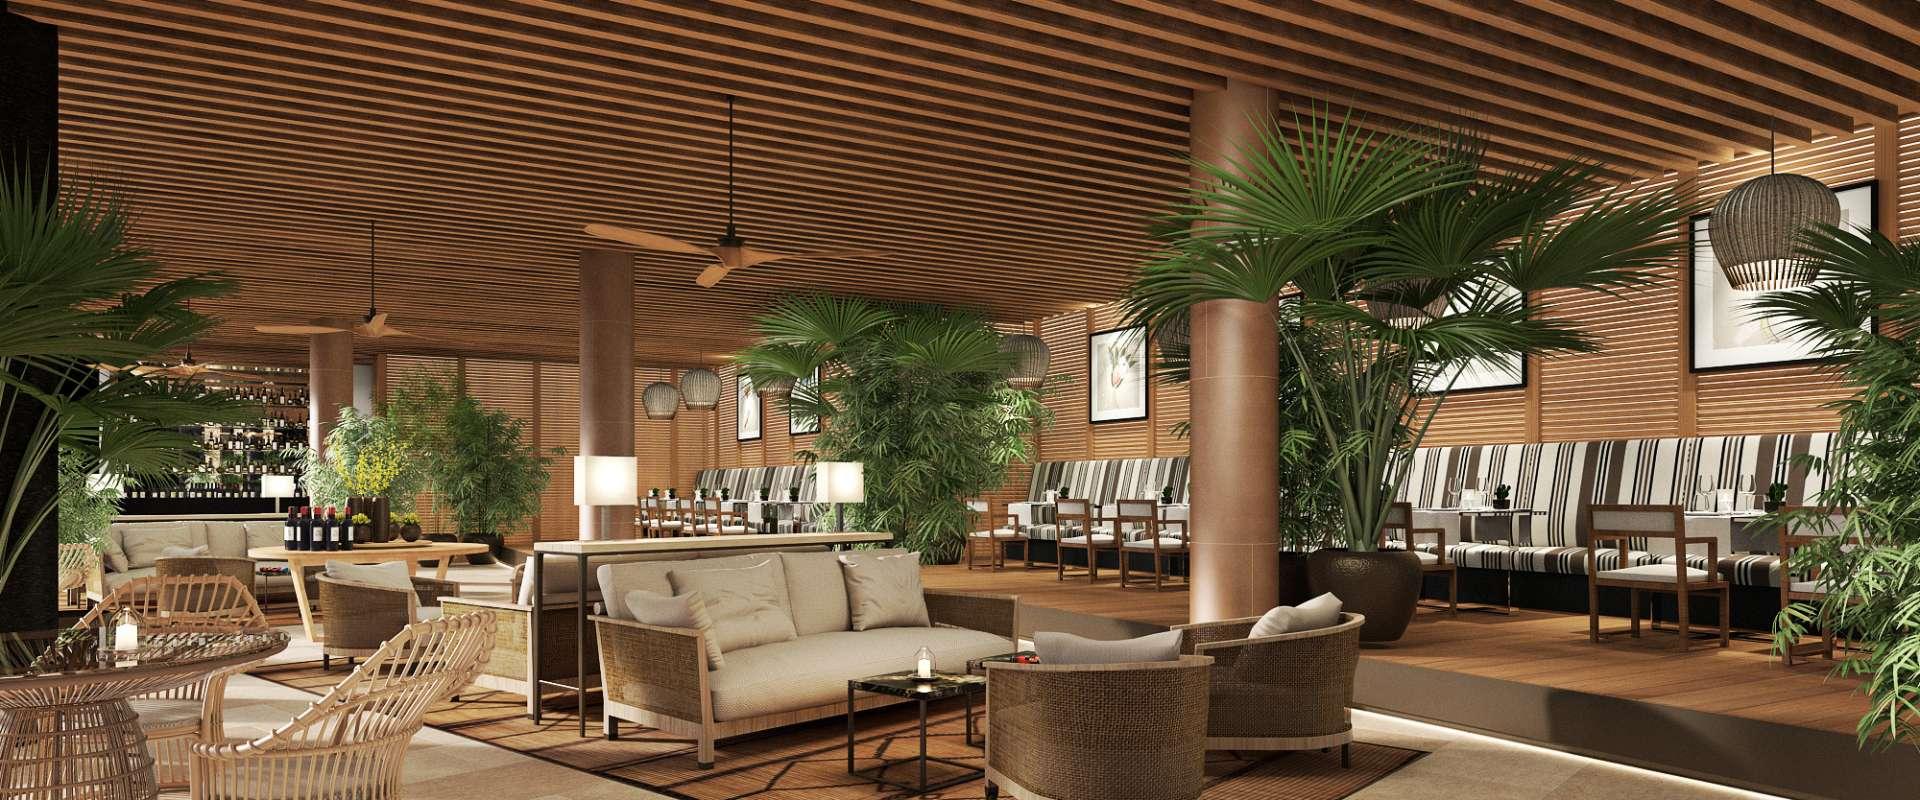 Bulgari resort residences dubai dicas de viagem for Bulgari hotel dubai